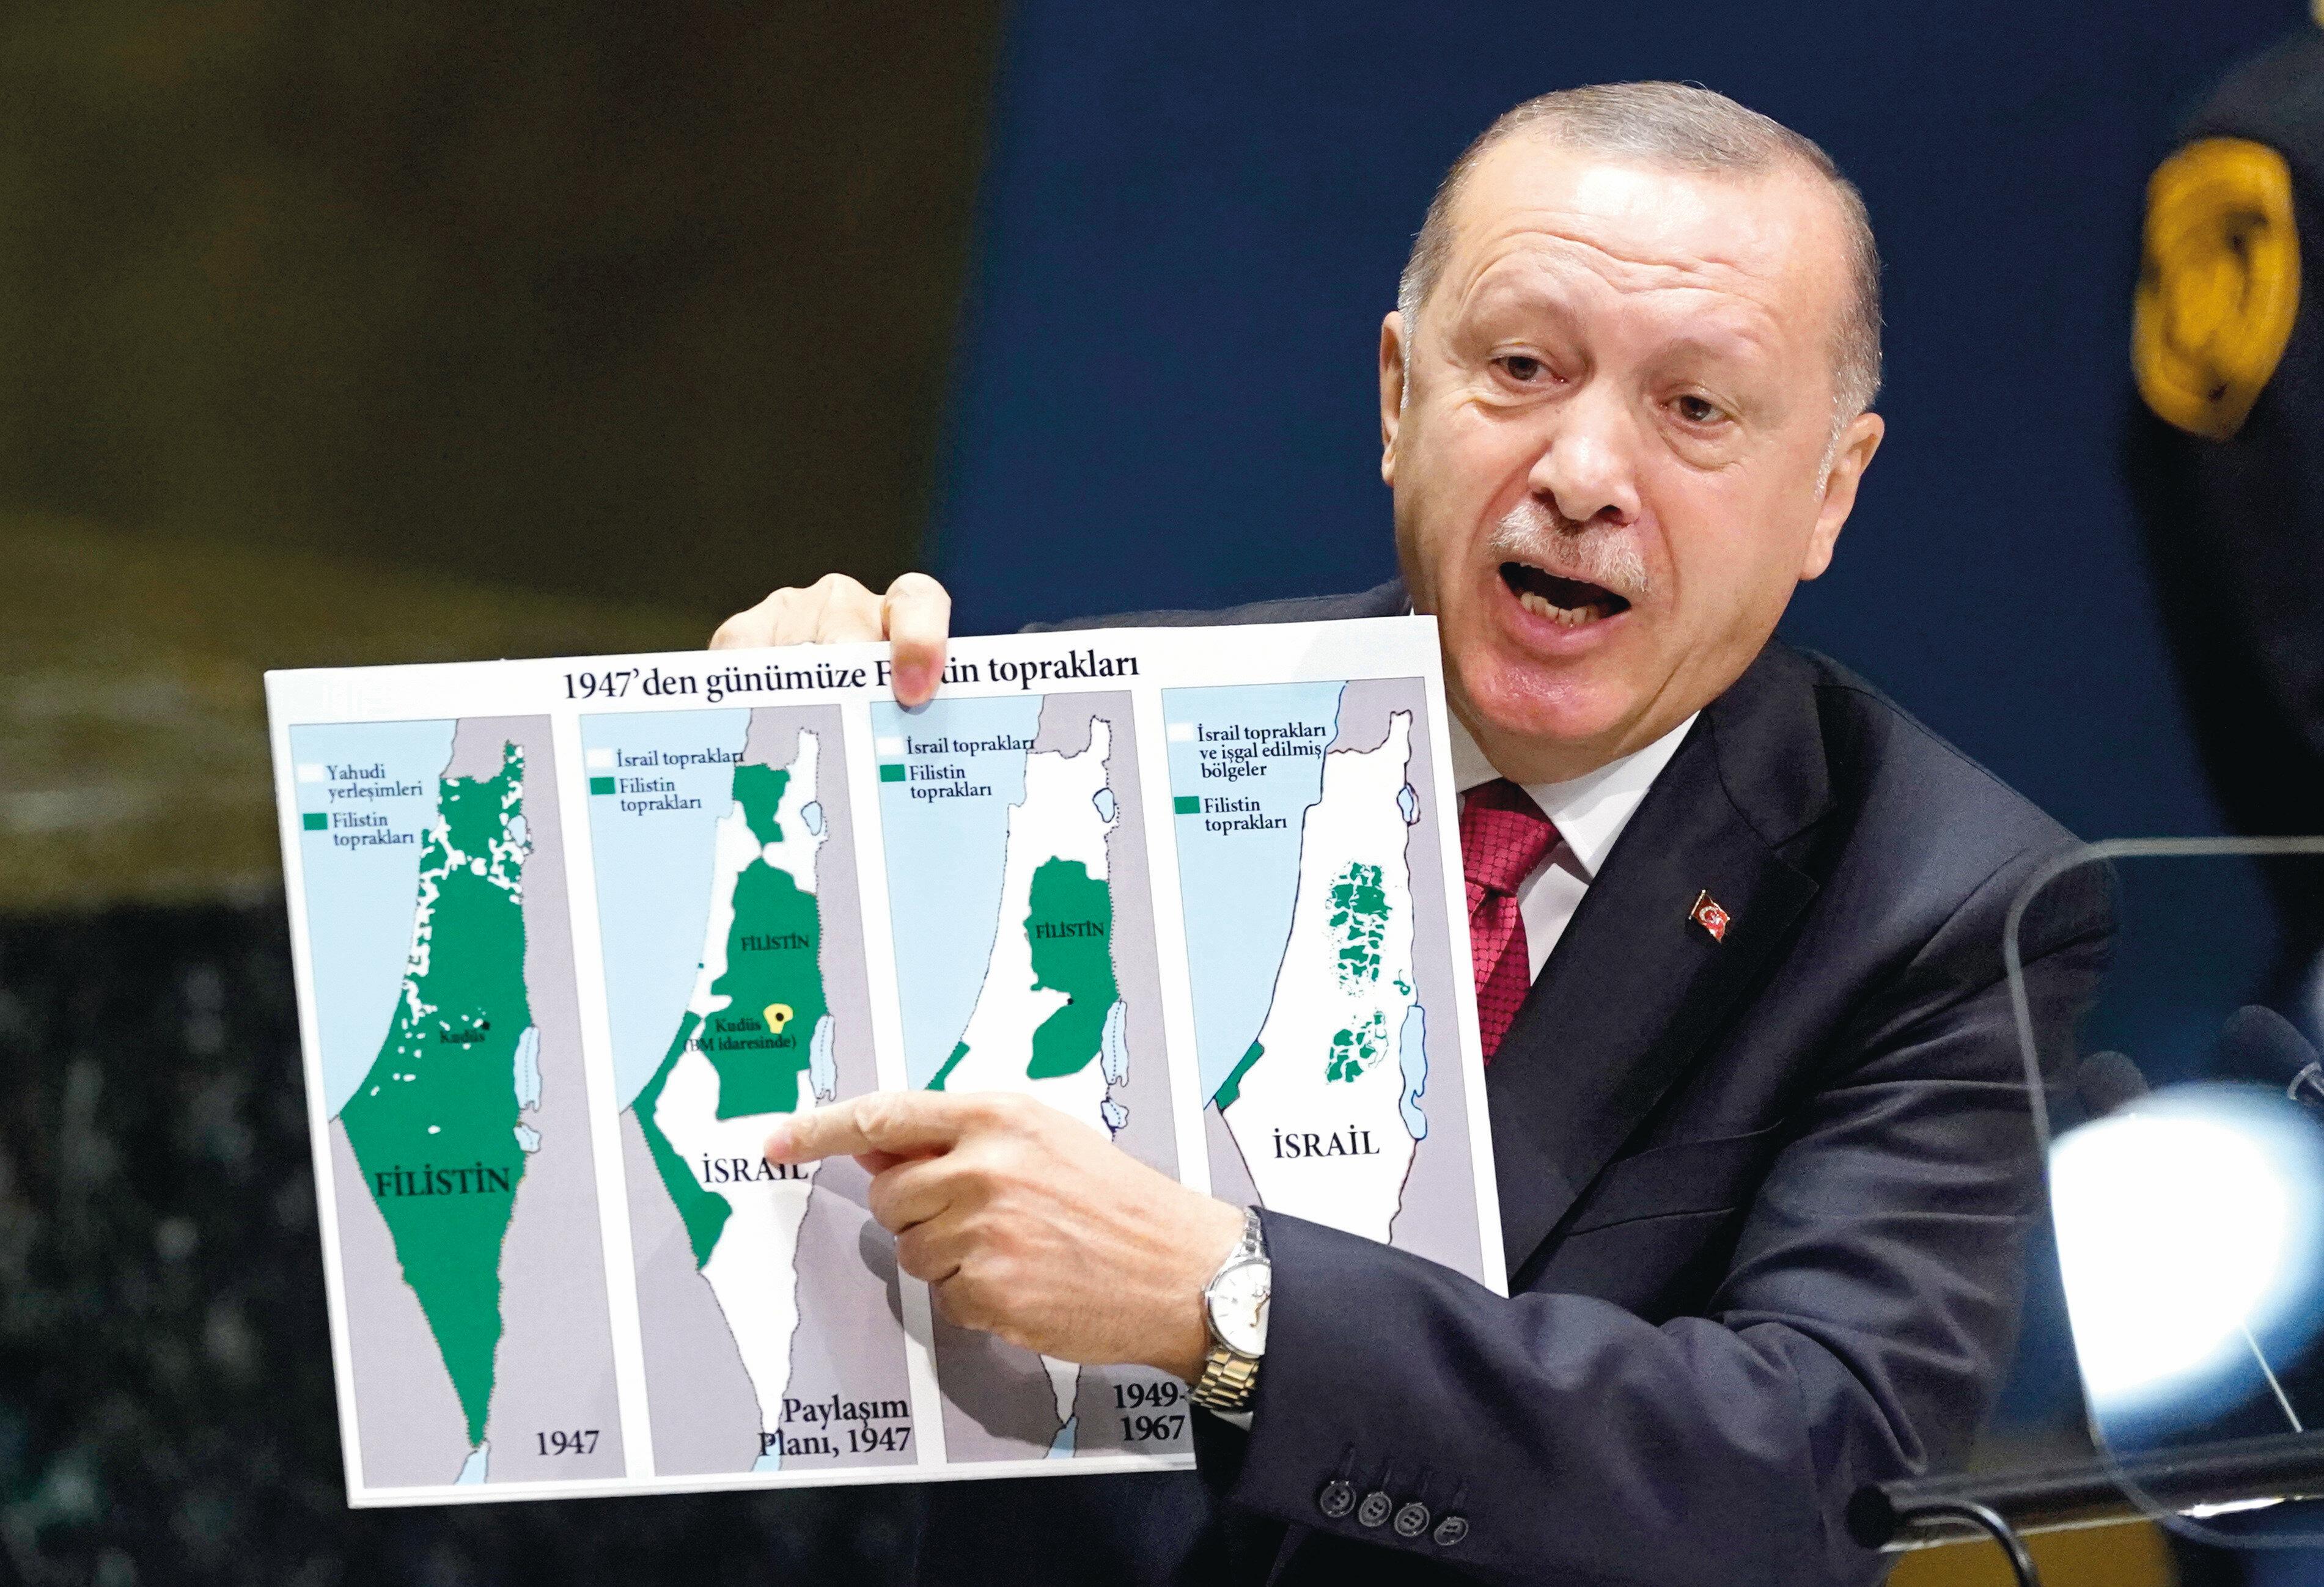 Президент Турции с картой, иллюстрирующий процесс оккупации территории Палестины